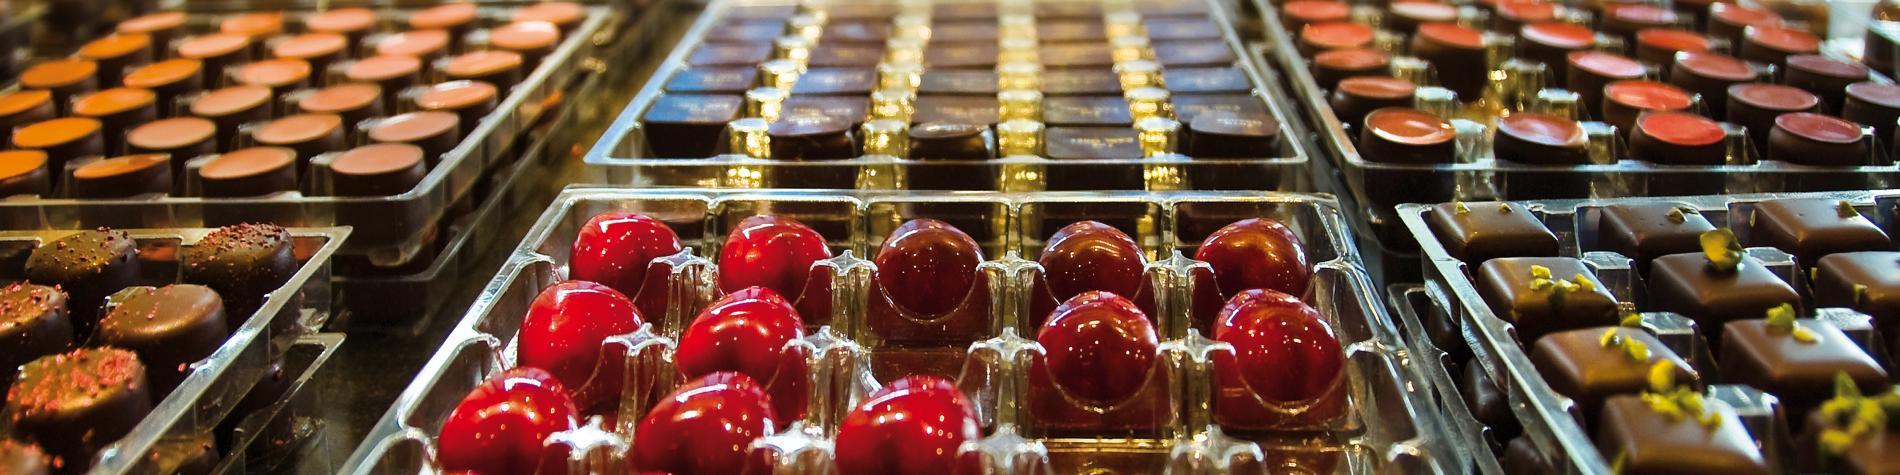 Découvrez les fameux chocolats de Martine & Co - Chocolats Marcolini à Liège